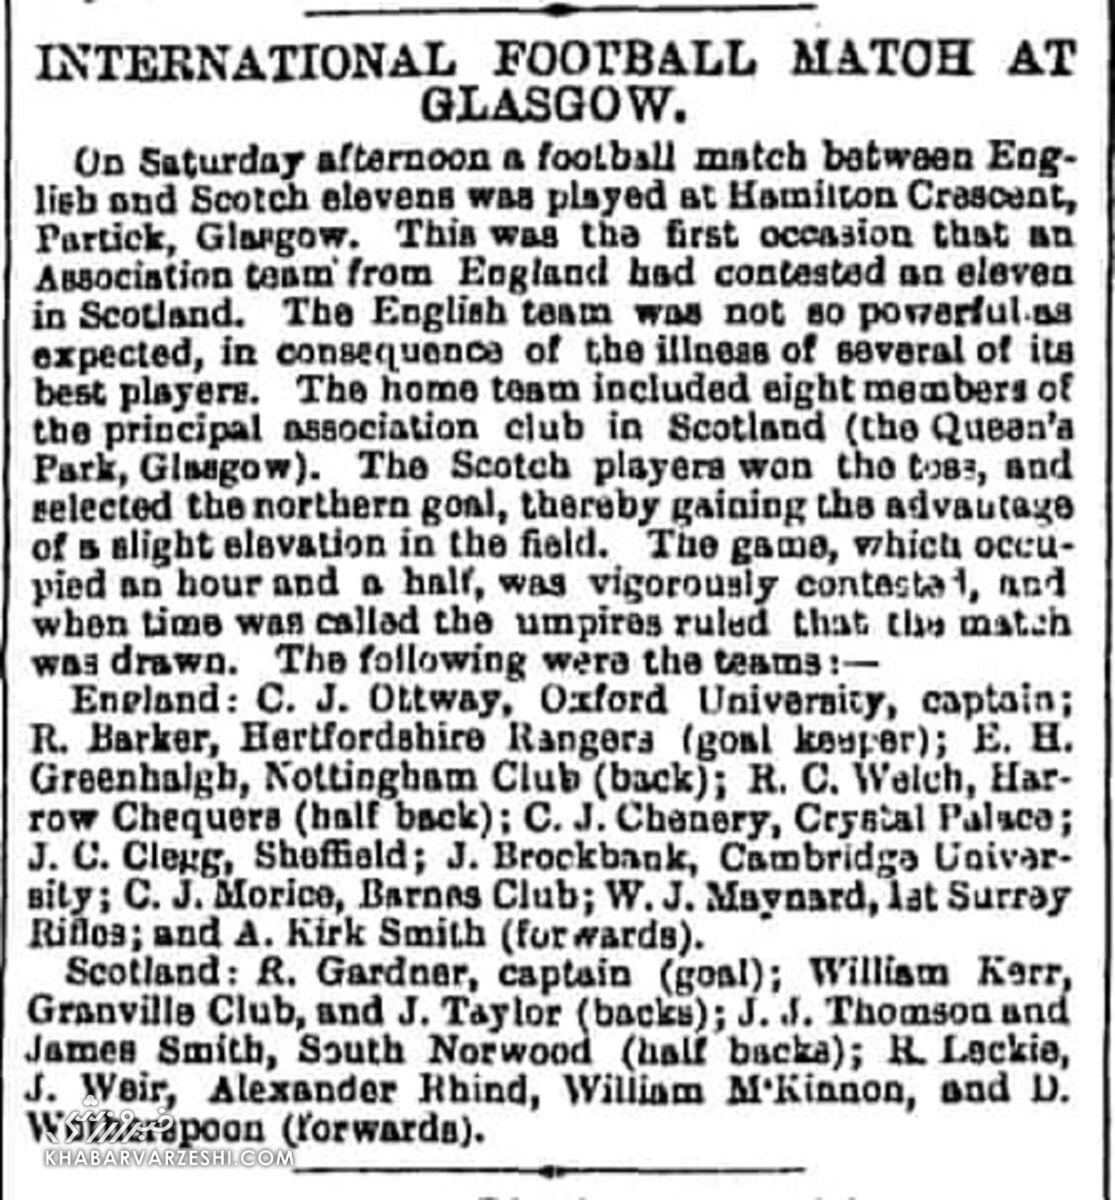 داستان اولین بازی ملی فوتبال بین انگلیس و اسکاتلند